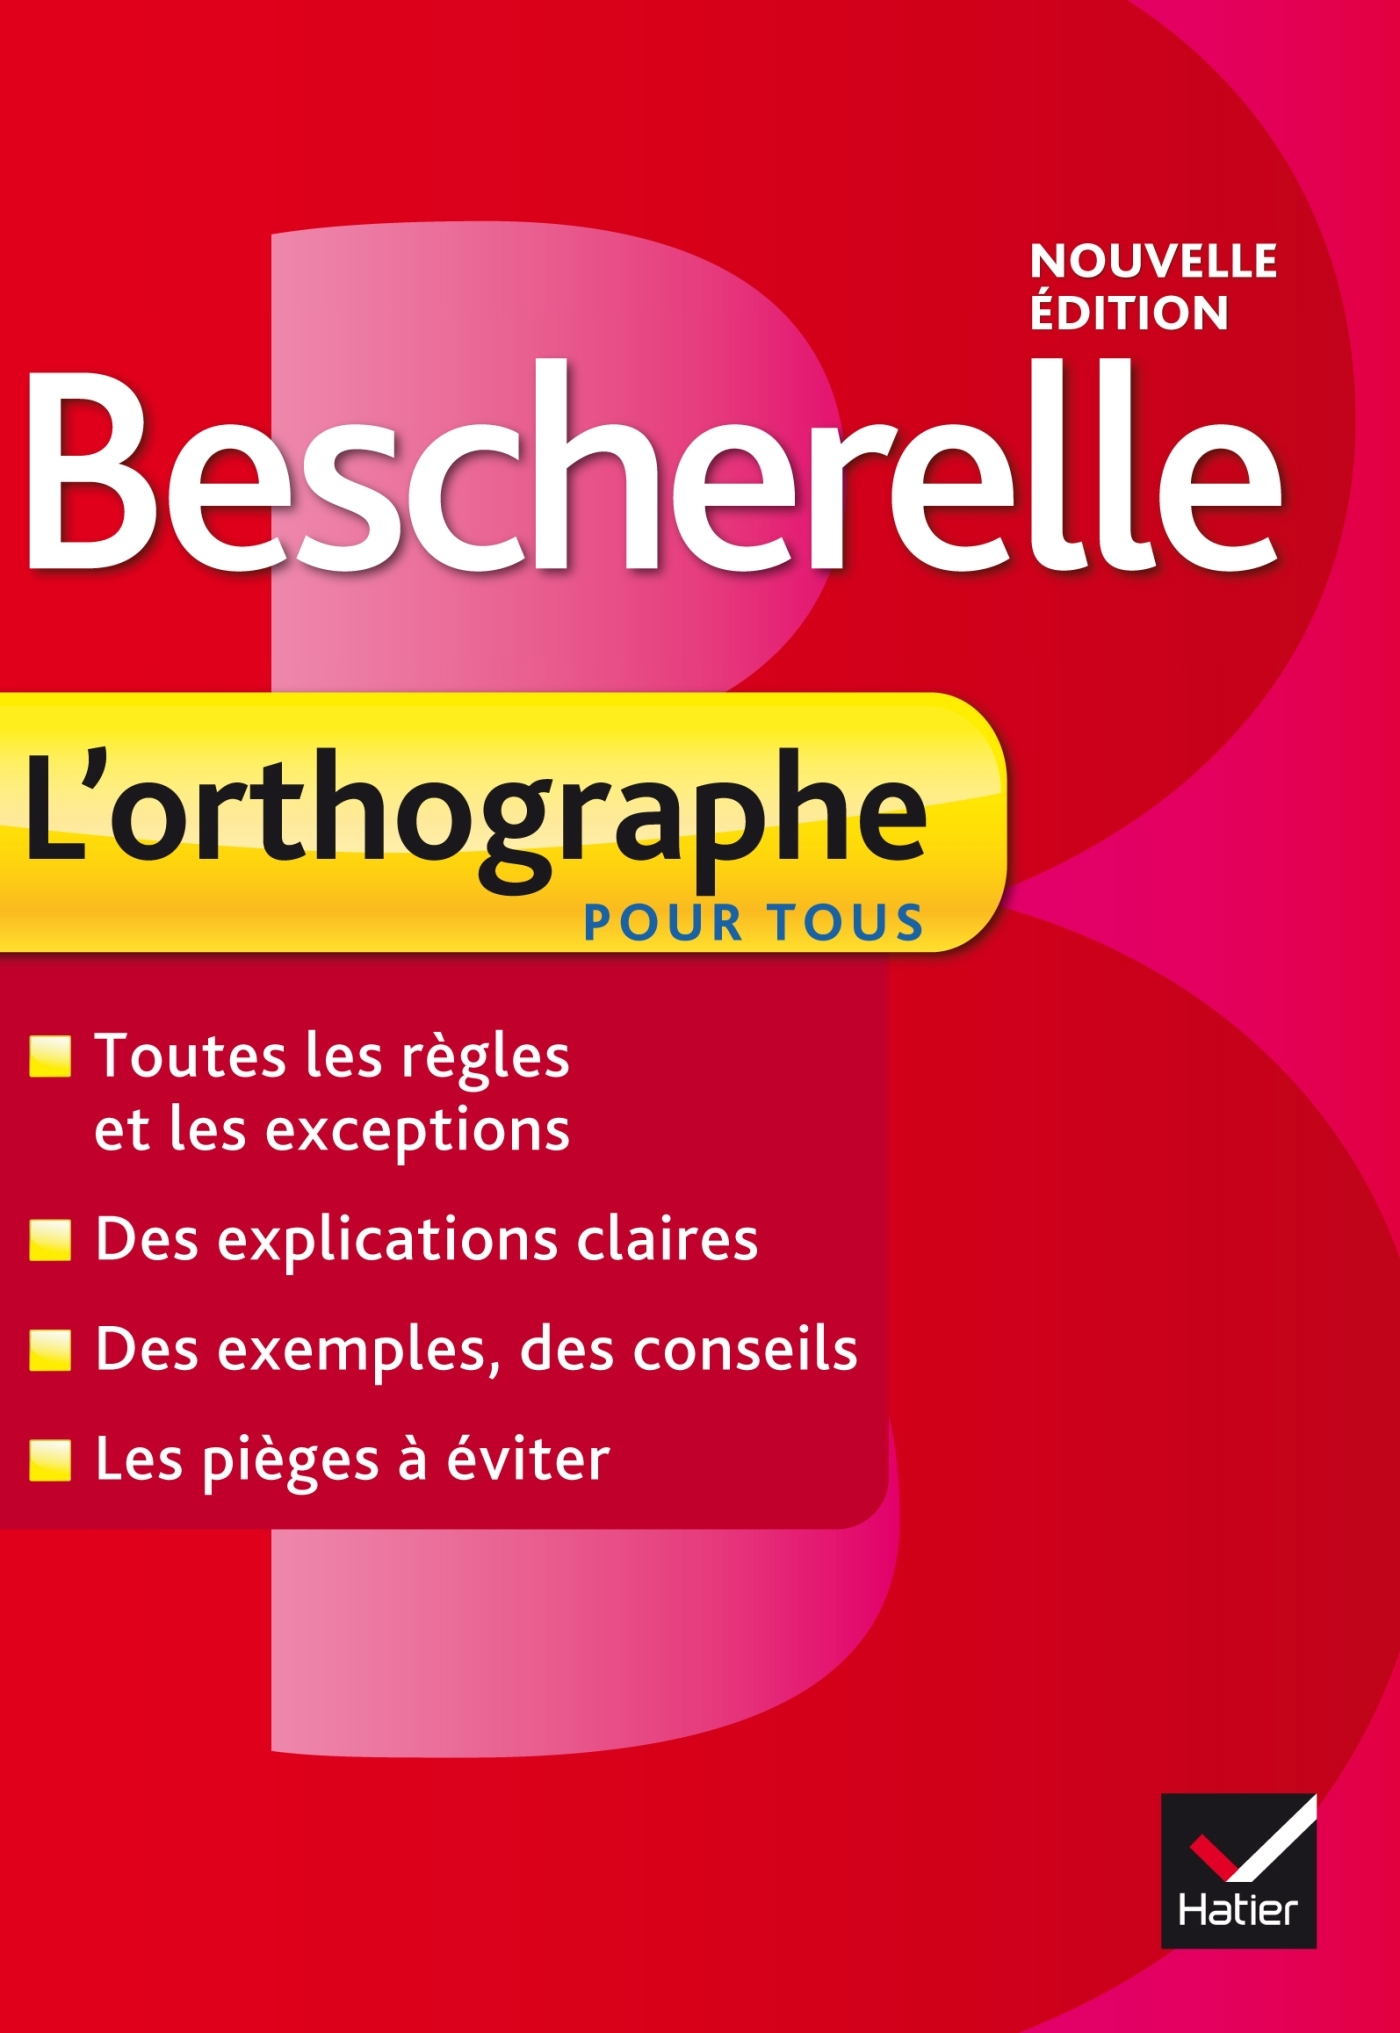 BESCHERELLE L'ORTHOGRAPHE POUR TOUS